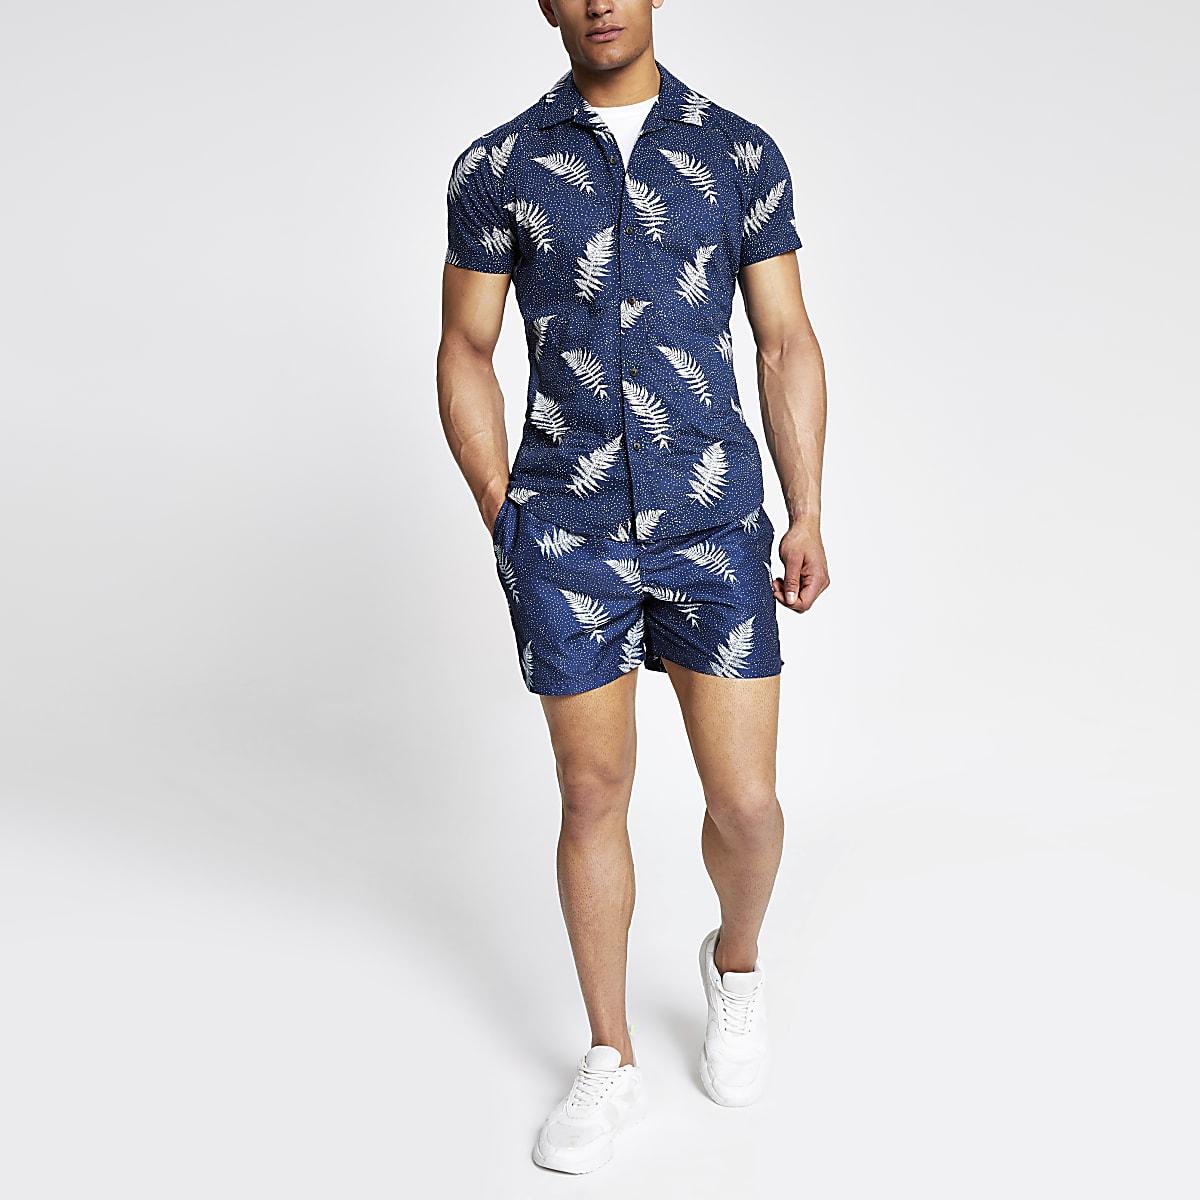 Selected Homme - Marineblauw overhemd met print en korte mouwen